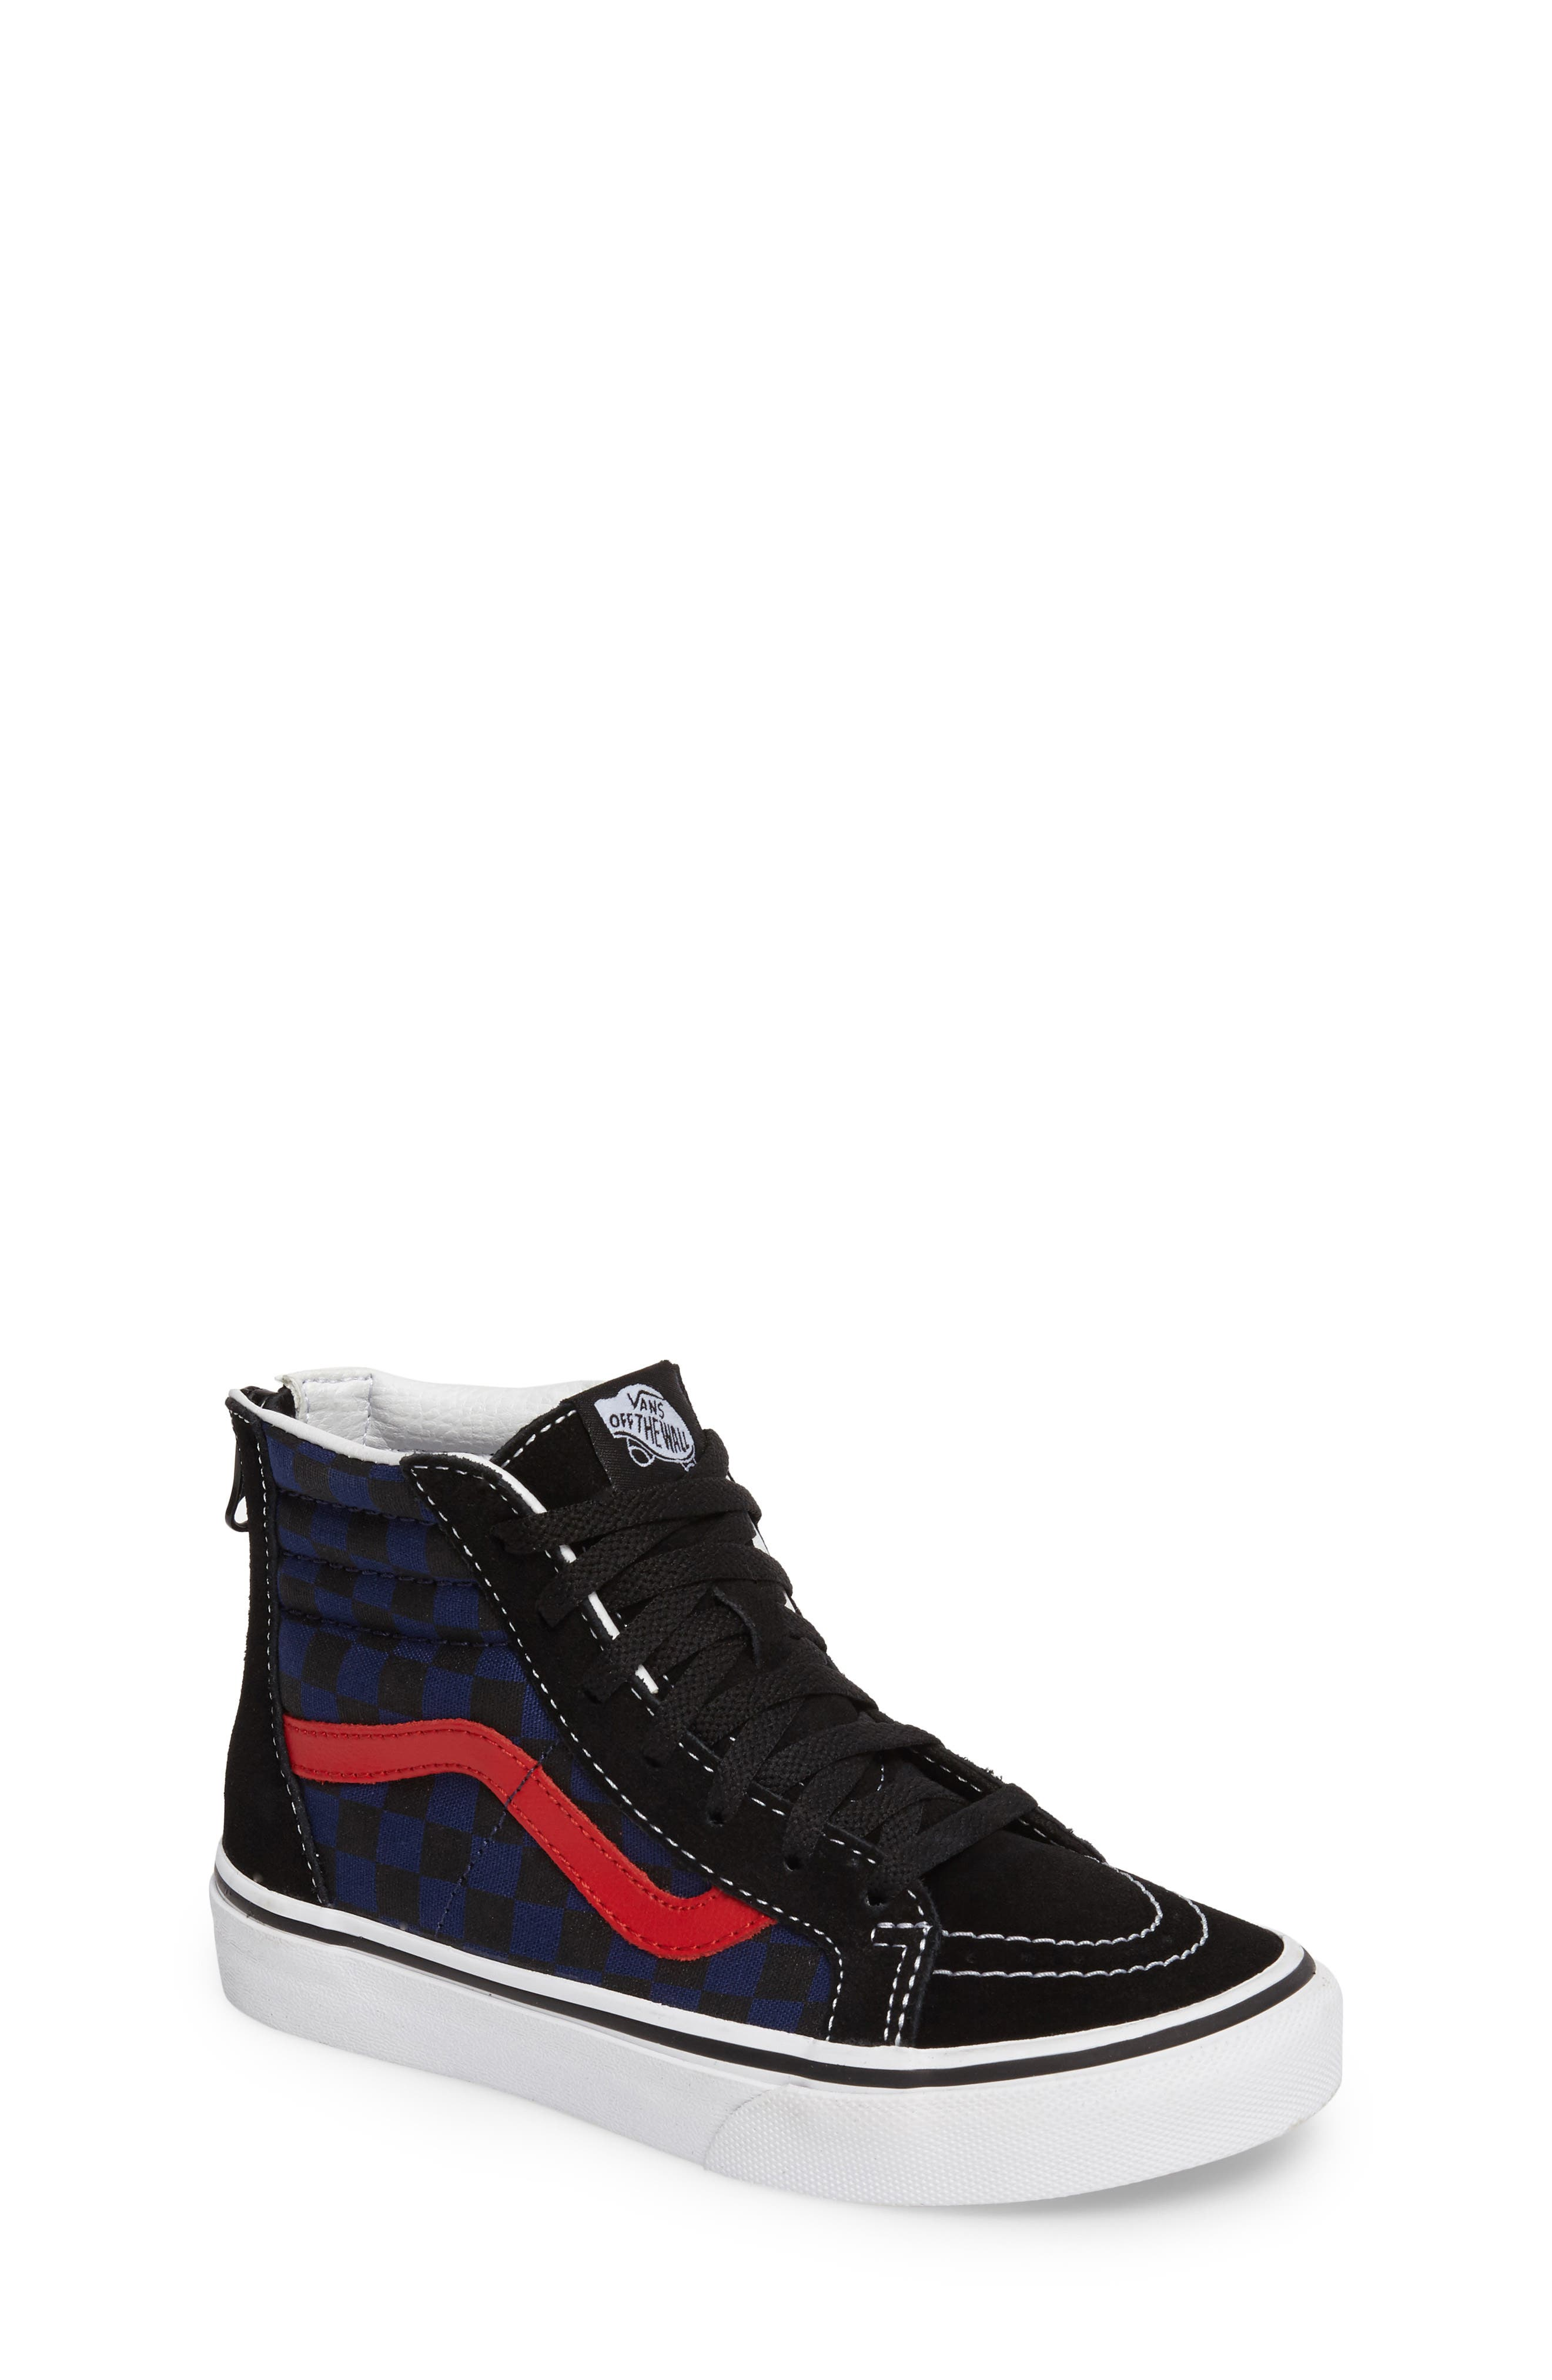 SK8-Hi Zip Sneaker,                             Main thumbnail 1, color,                             001